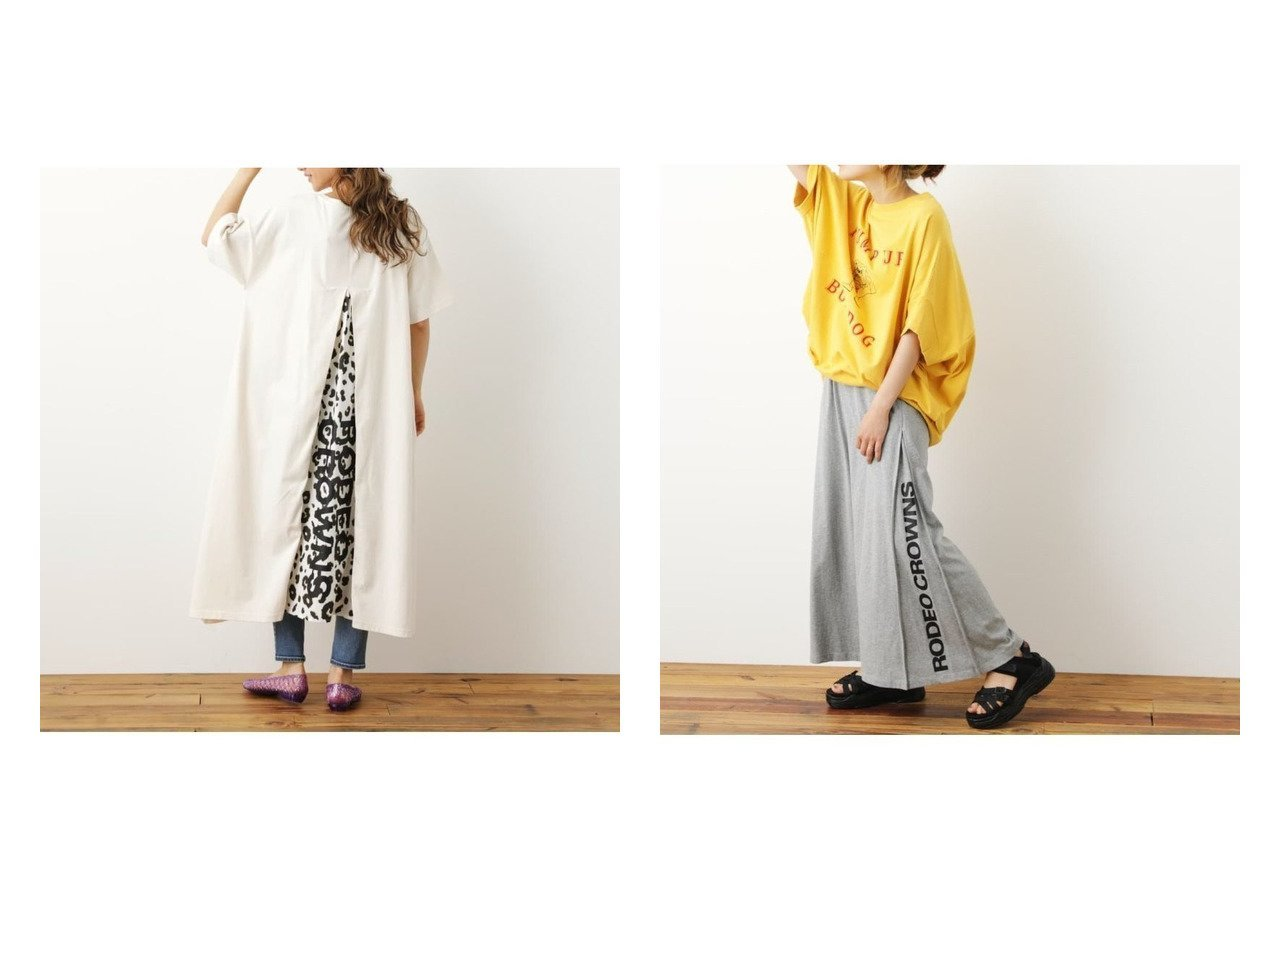 【RODEO CROWNS WIDE BOWL/ロデオクラウンズワイドボウル】のサイドロゴカットマキシスカートWL&レオパード切リ替エワンピース おすすめ!人気、トレンド・レディースファッションの通販 おすすめで人気の流行・トレンド、ファッションの通販商品 インテリア・家具・メンズファッション・キッズファッション・レディースファッション・服の通販 founy(ファニー) https://founy.com/ ファッション Fashion レディースファッション WOMEN ワンピース Dress マキシワンピース Maxi Dress スカート Skirt ロングスカート Long Skirt シンプル スリット プリント マキシ レオパード ロング  ID:crp329100000061939